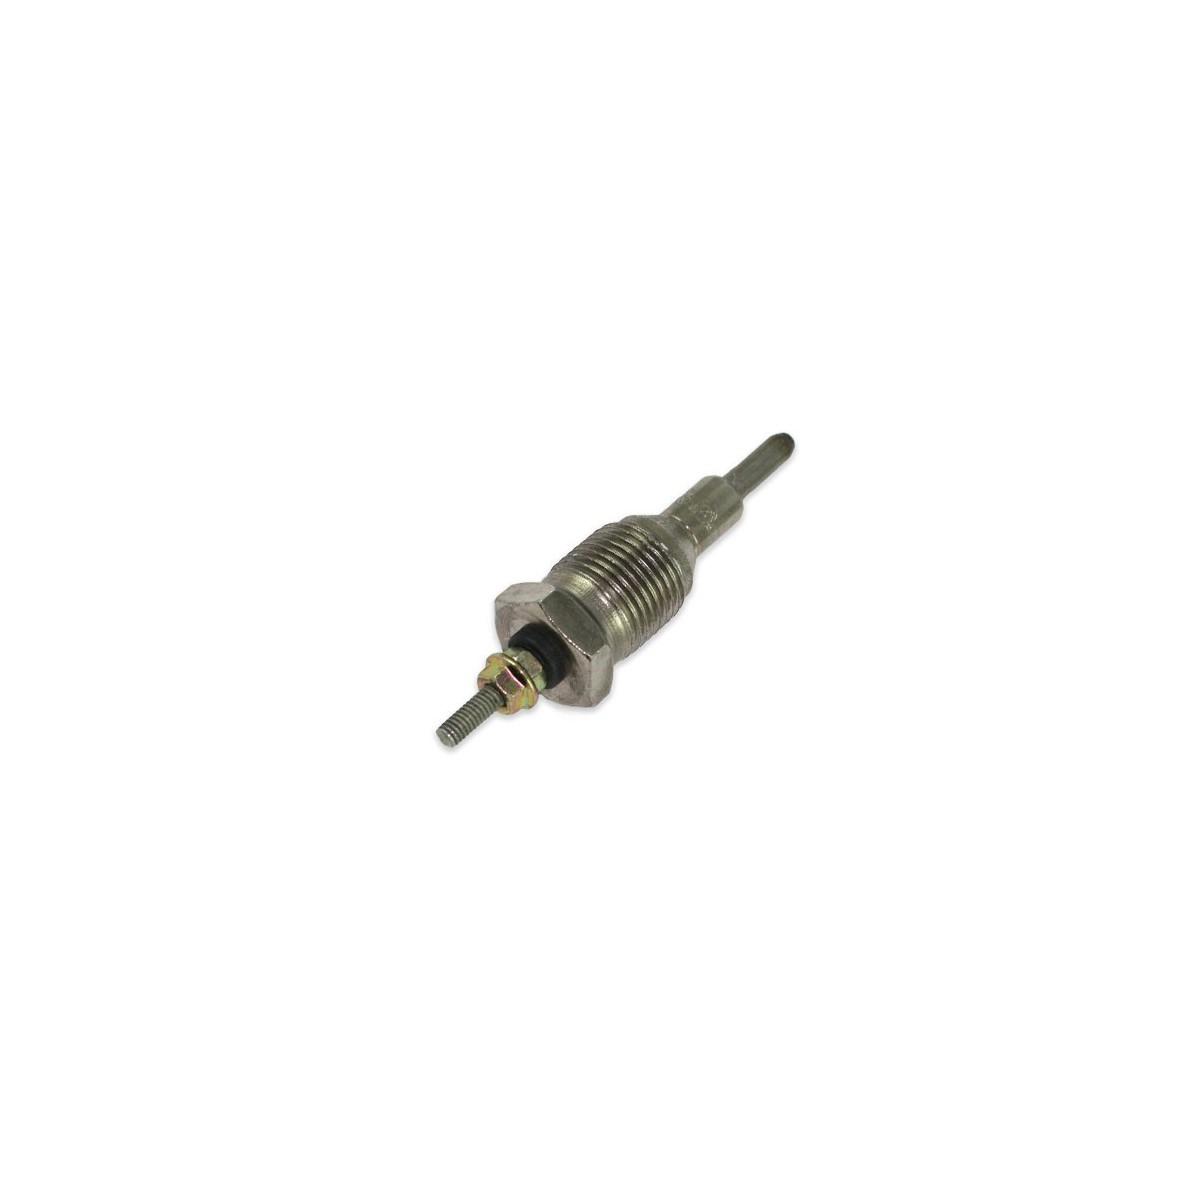 Glow plug PN80 HINOMOTO E23 angle shaft